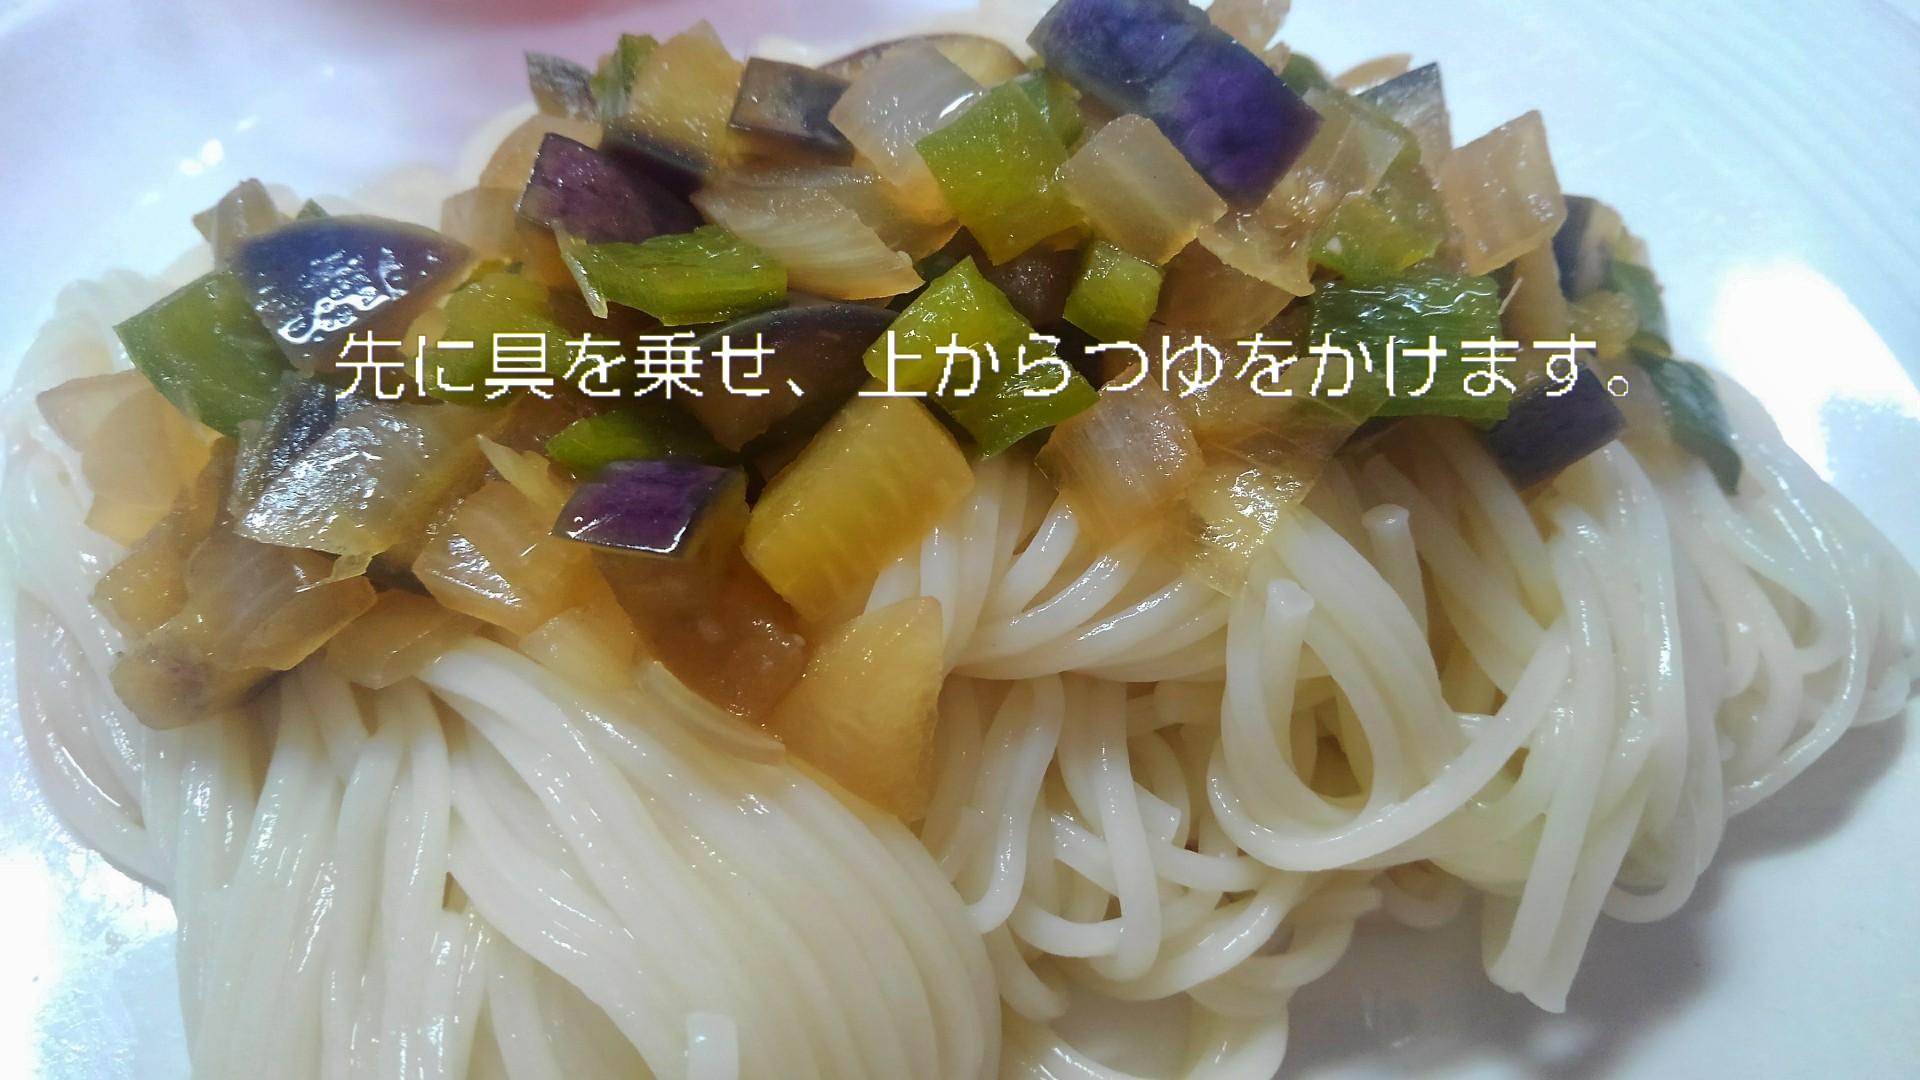 半田素麺、文士の真似スタイル_b0339522_05074940.jpg